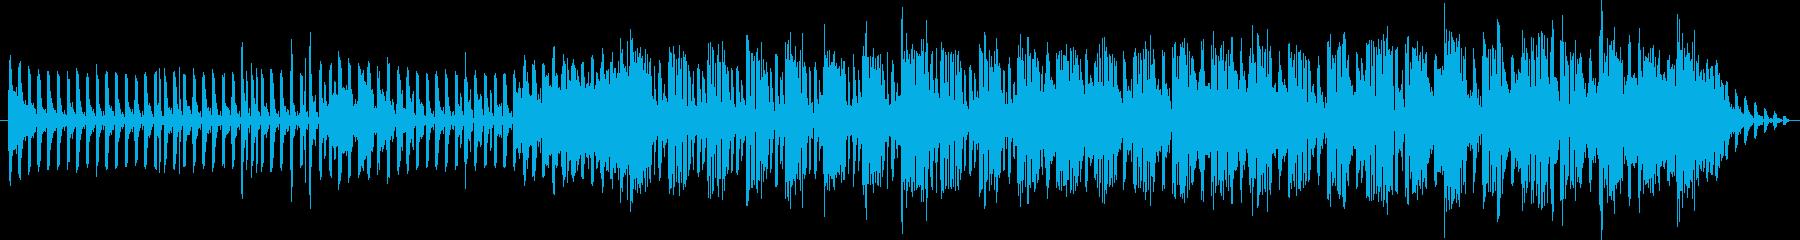 エレクトロハウス。悪いの再生済みの波形